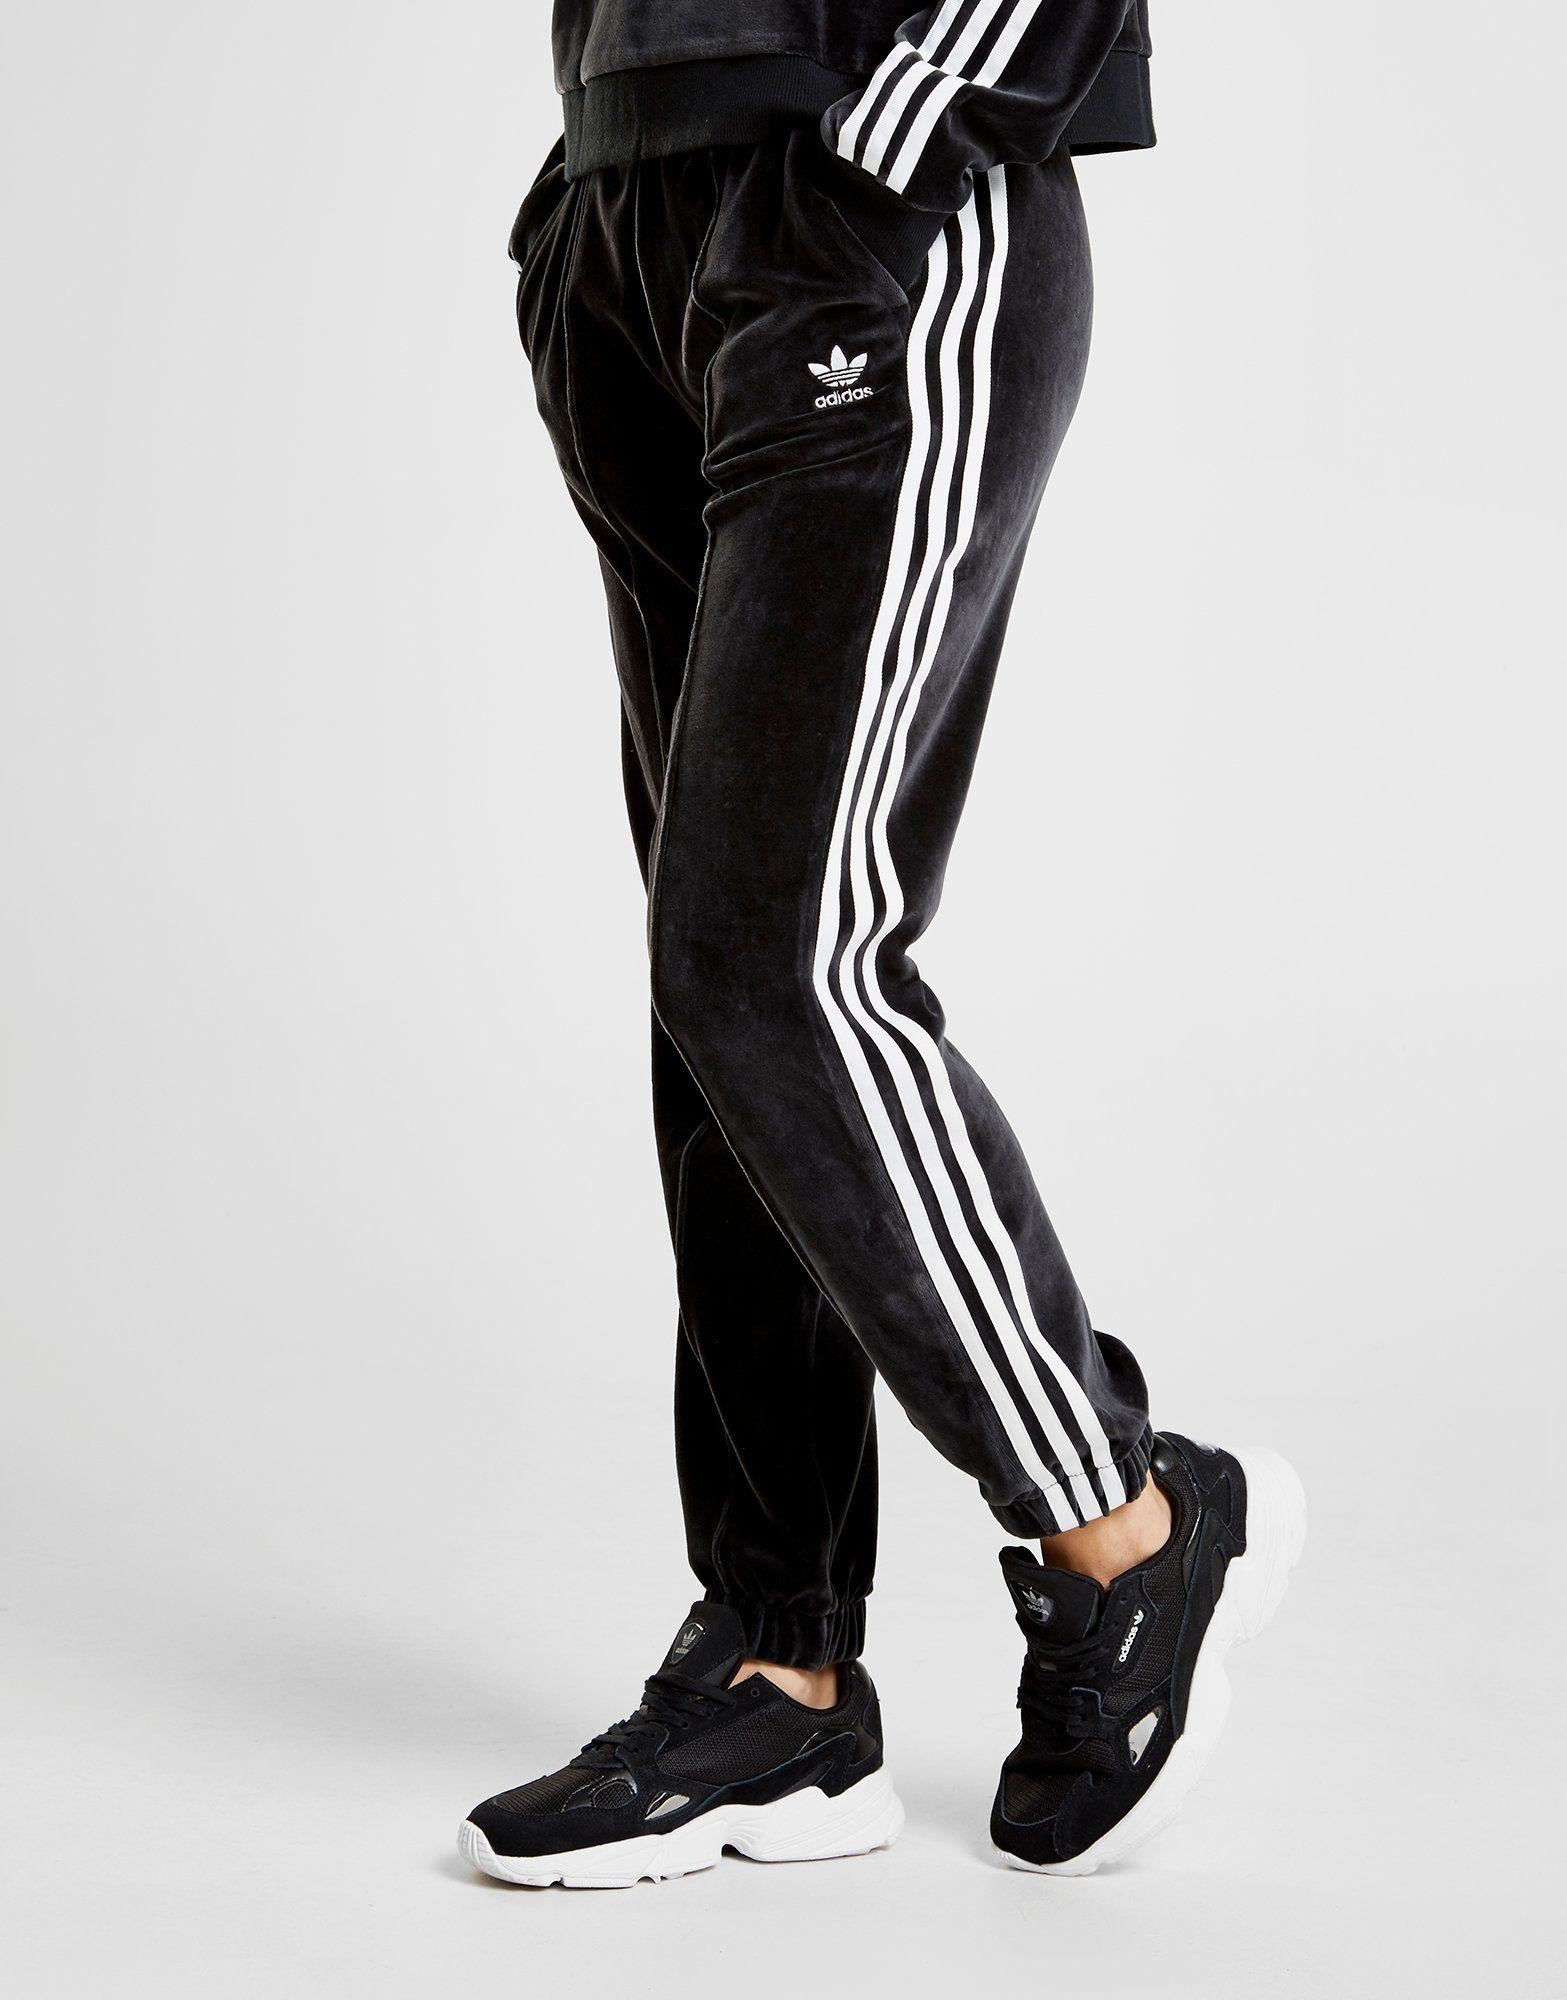 adidas Originals Pantalon de survêtement en velours 3-stripes Femme